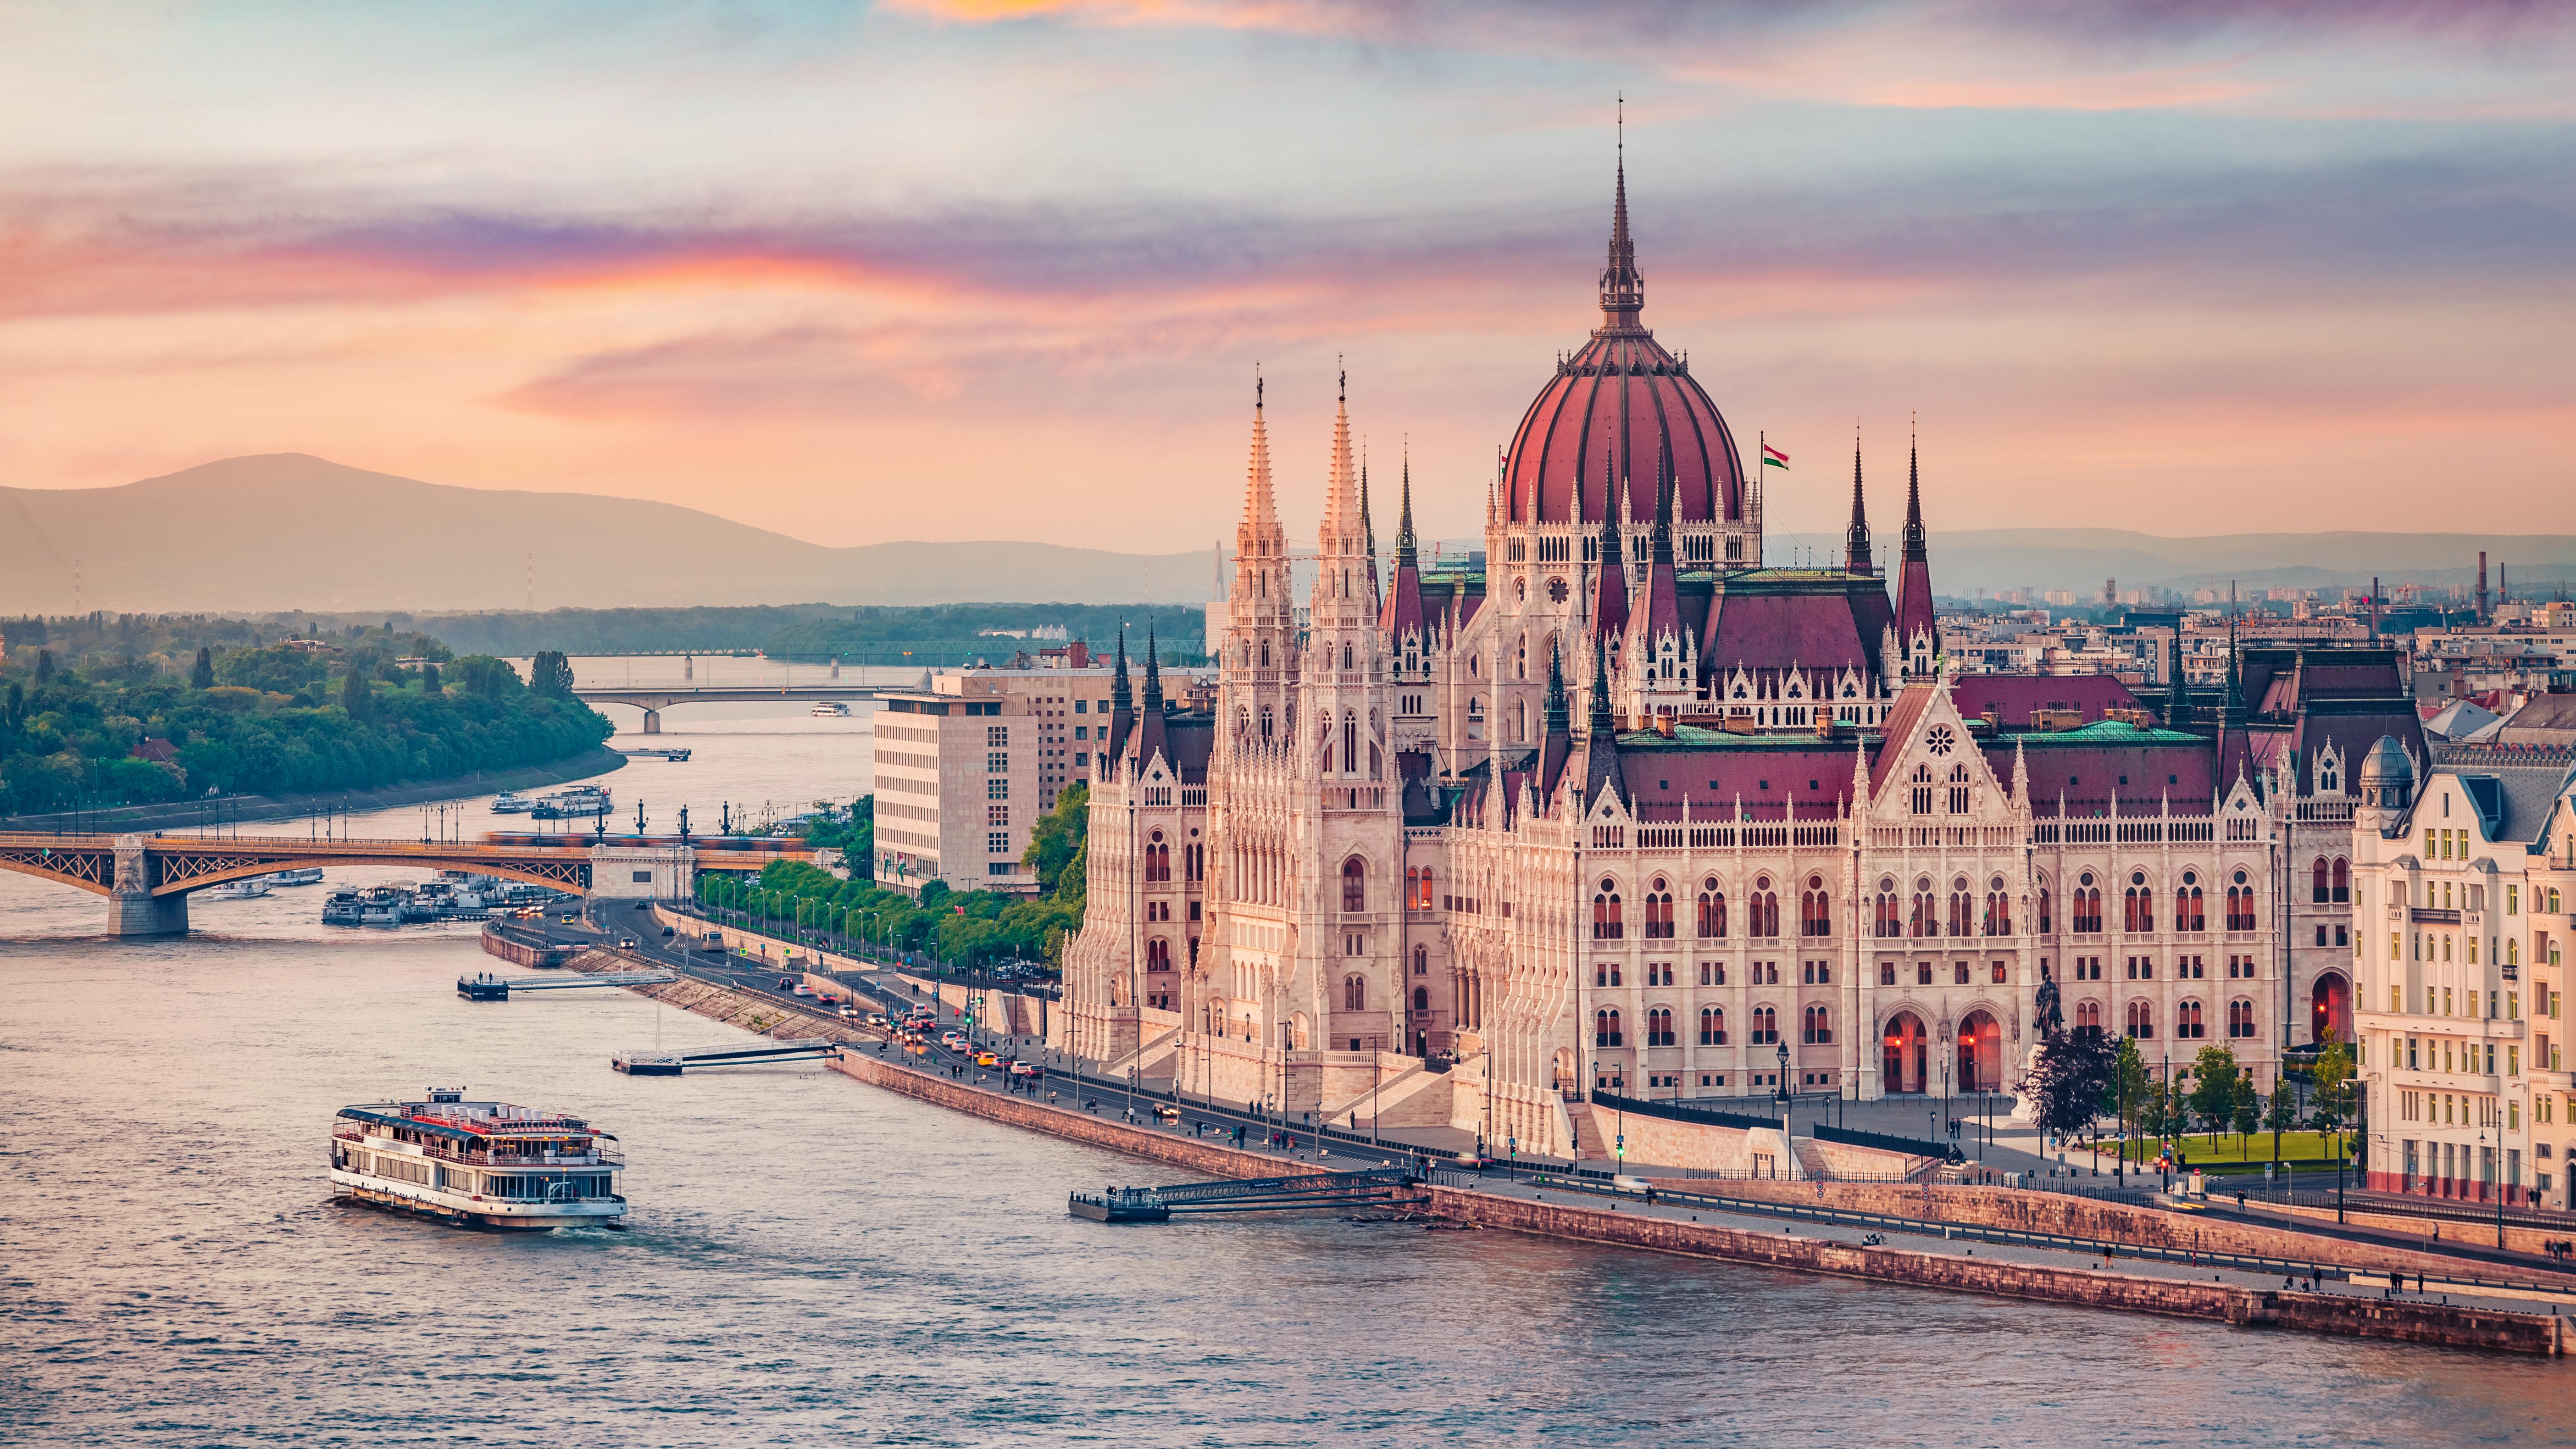 Здание парламента в Будапеште, столице Венгрии, ВНЖ которой могут получить россияне, украинцы и белорусы